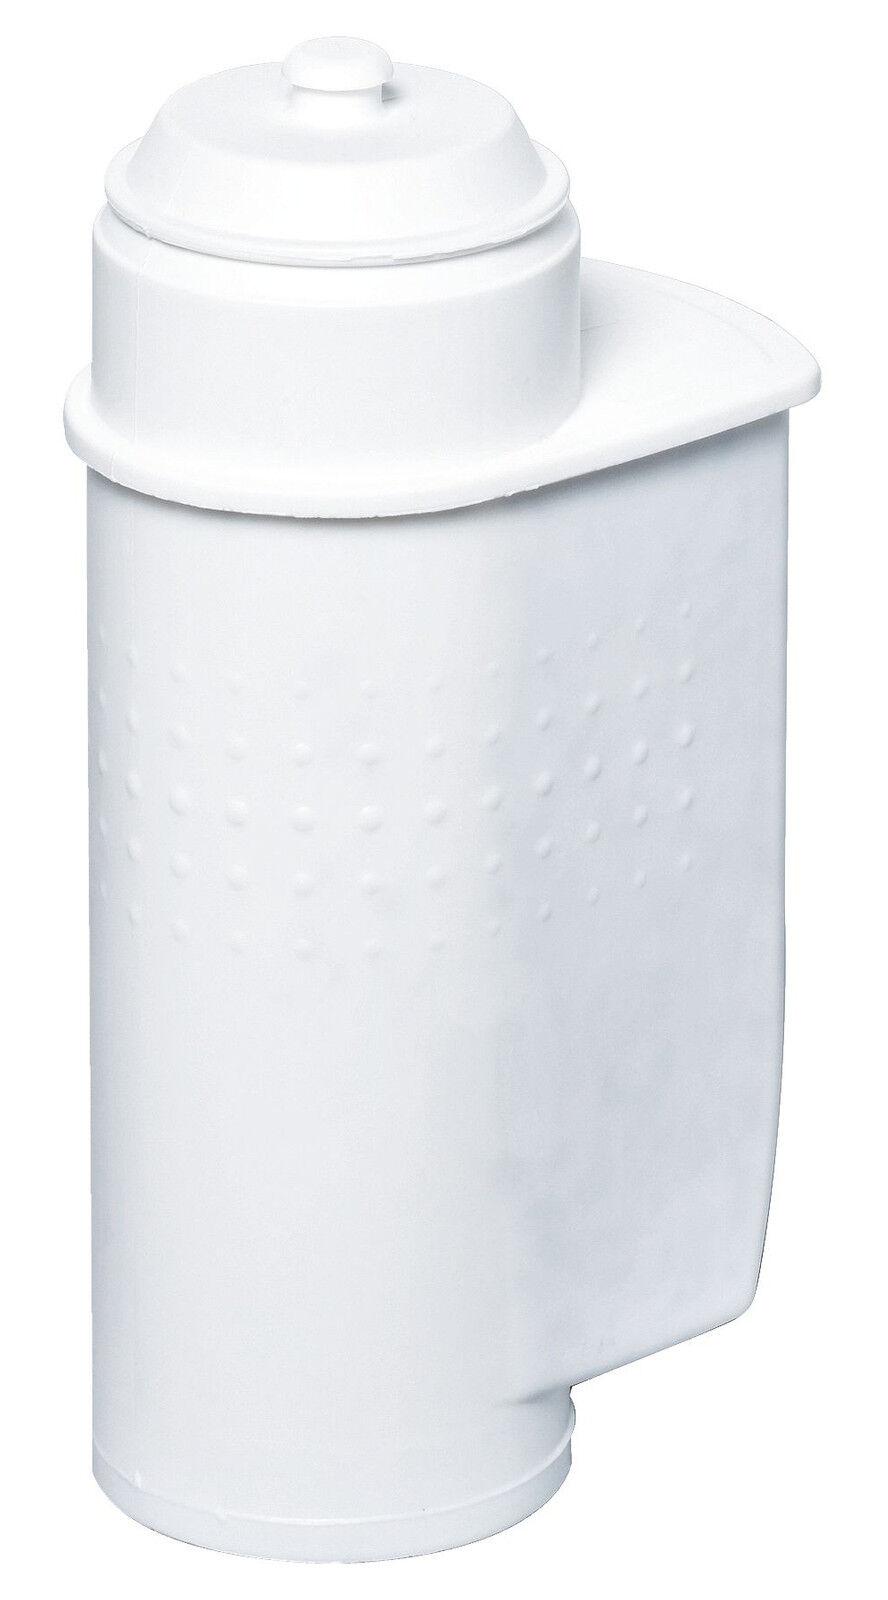 Gaggenau 9x Brita Intenza Wasserfilter TZ7003 // Bosch Neff Siemens